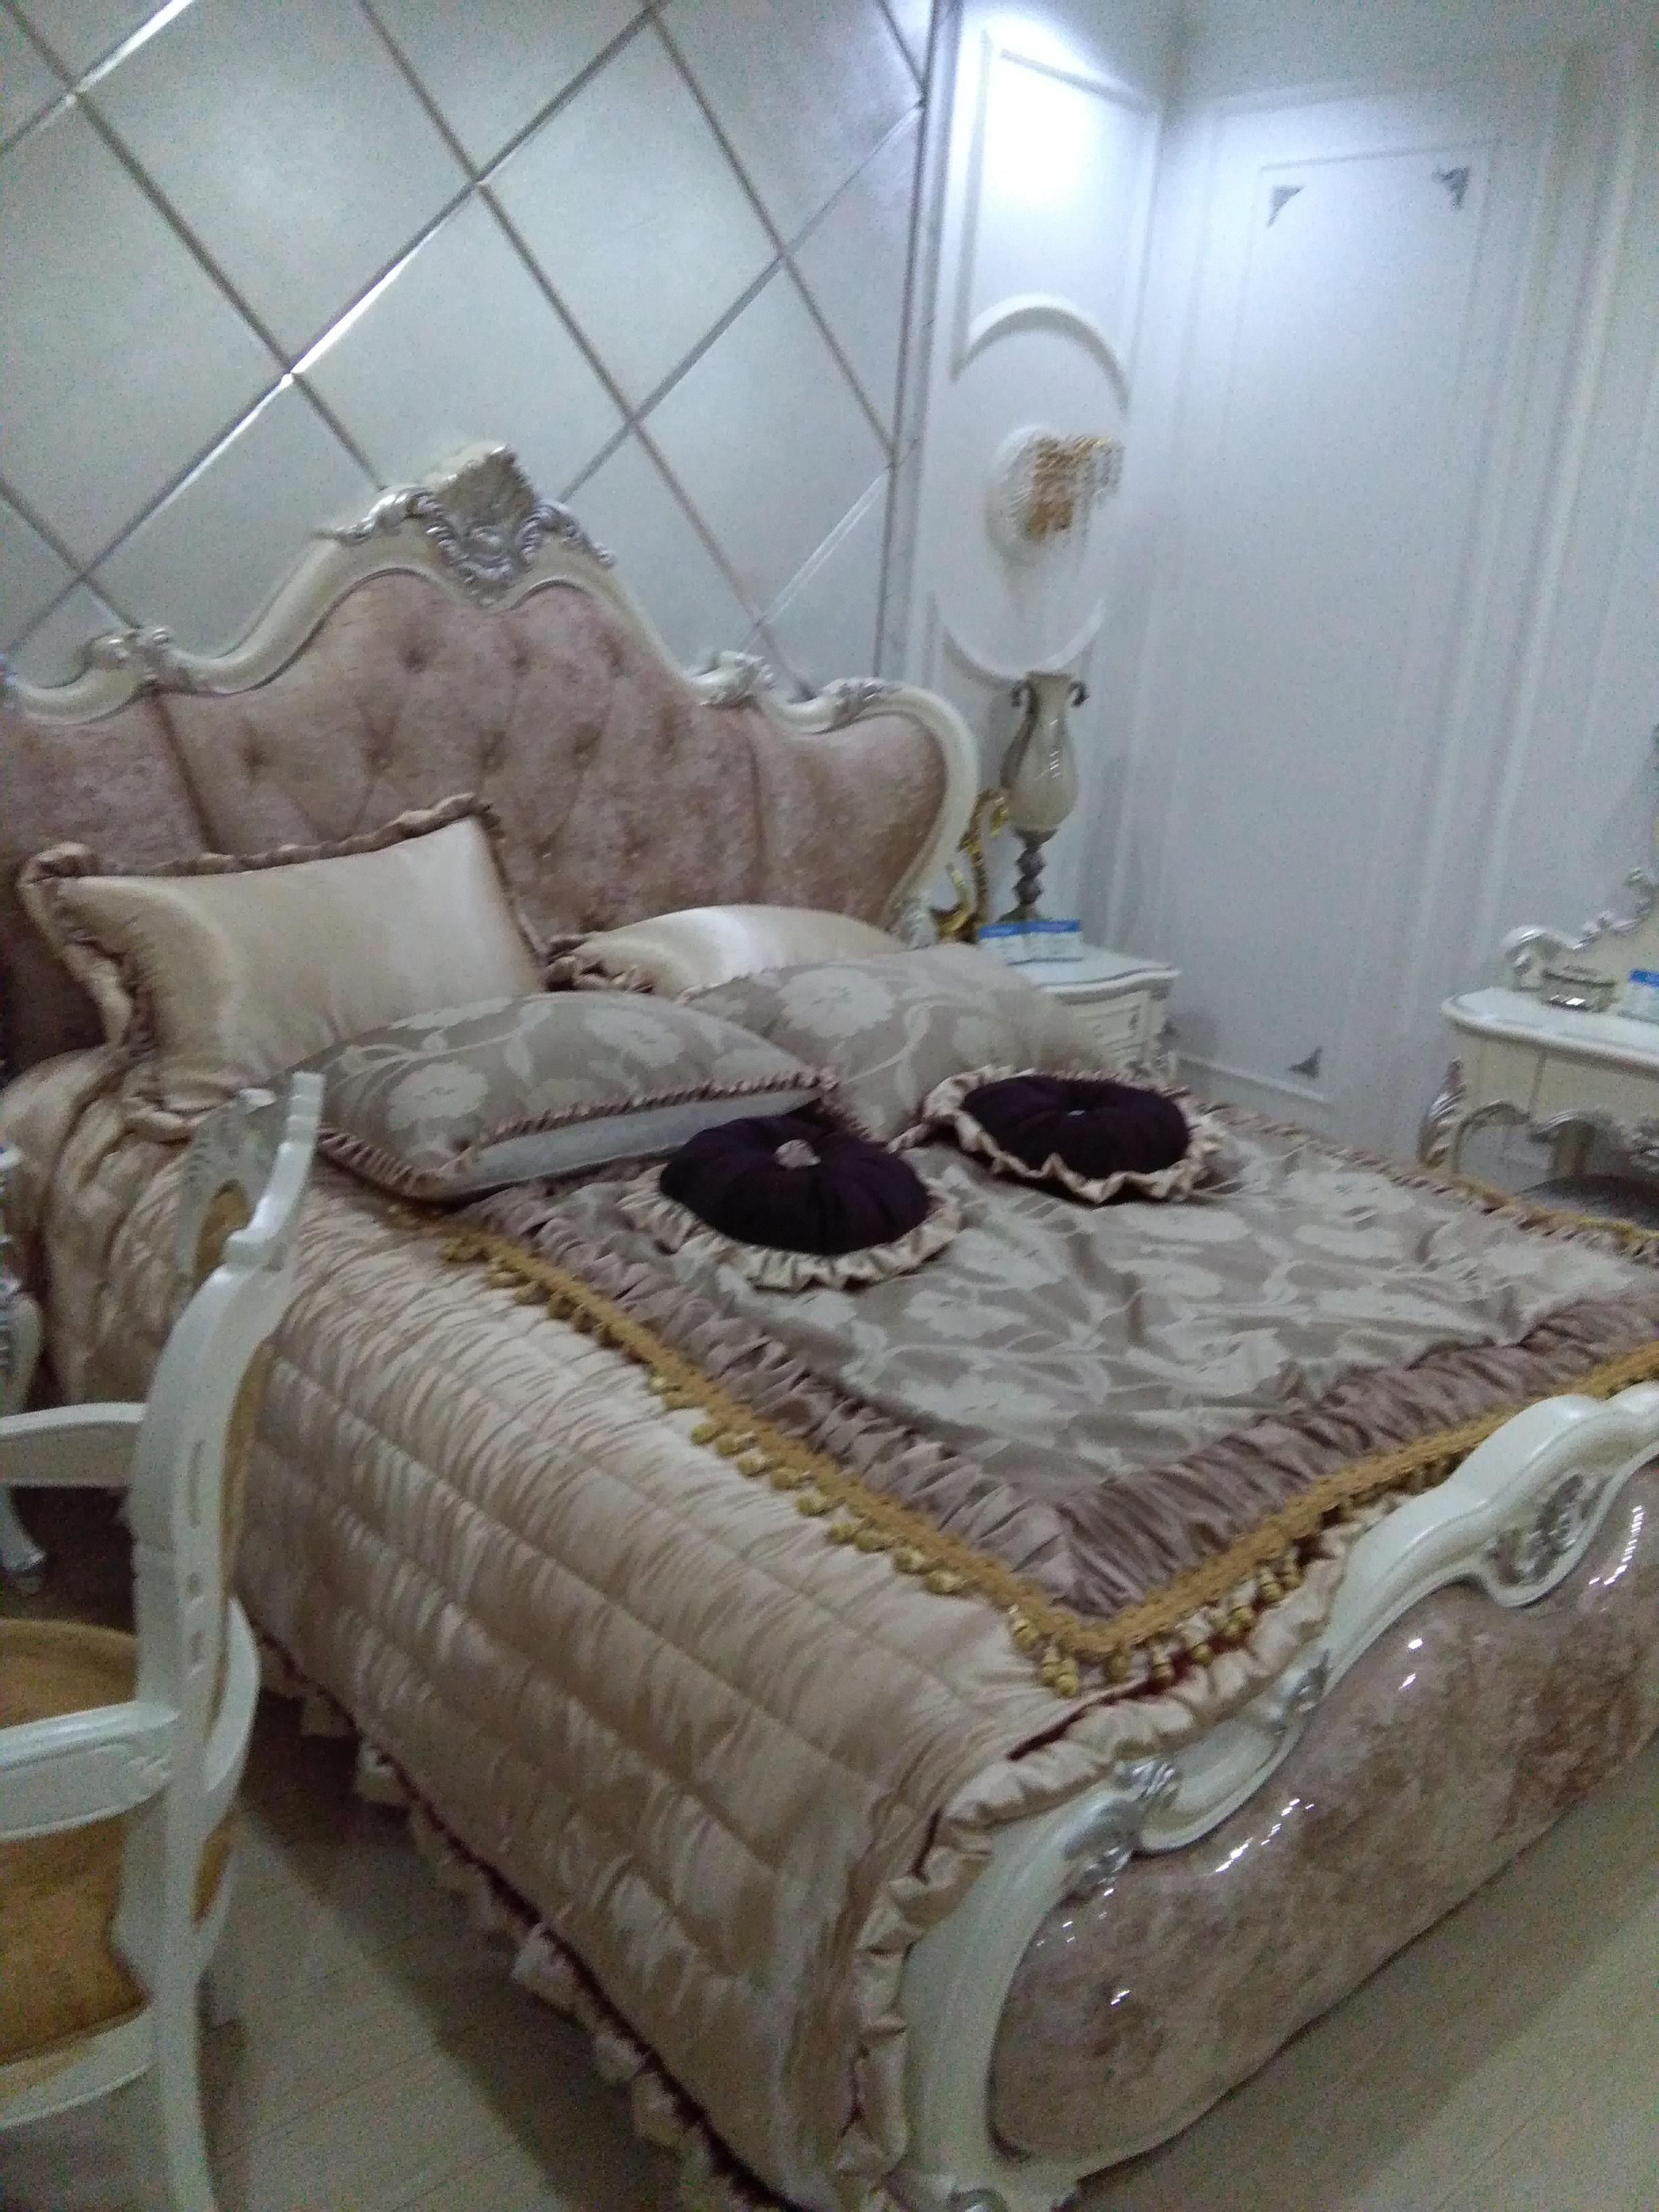 长沙博丰家居广场 欧式床 品牌欧式实木双人大床 英式床 韩式田园风婚